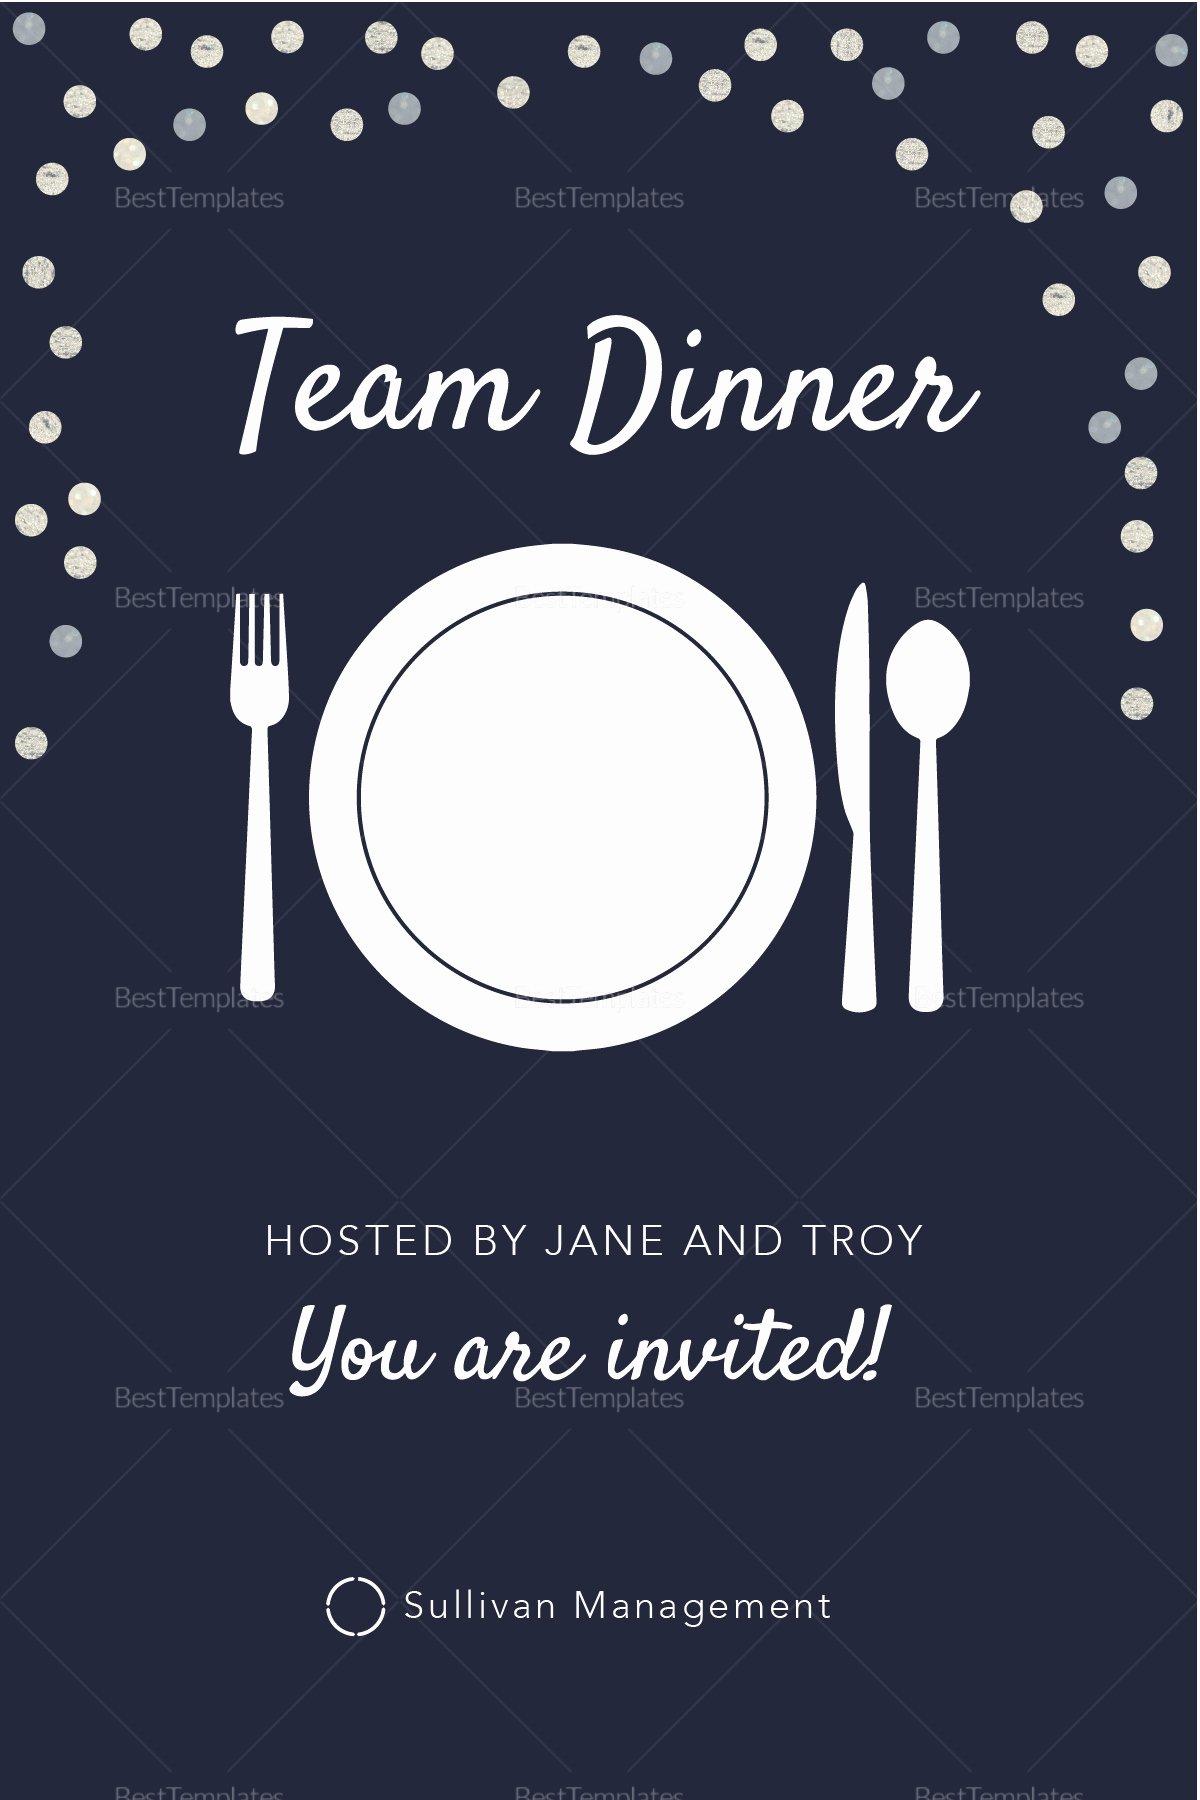 Dinner Invite Template Word Best Of Elegant Team Dinner Invitation Design Template In Psd